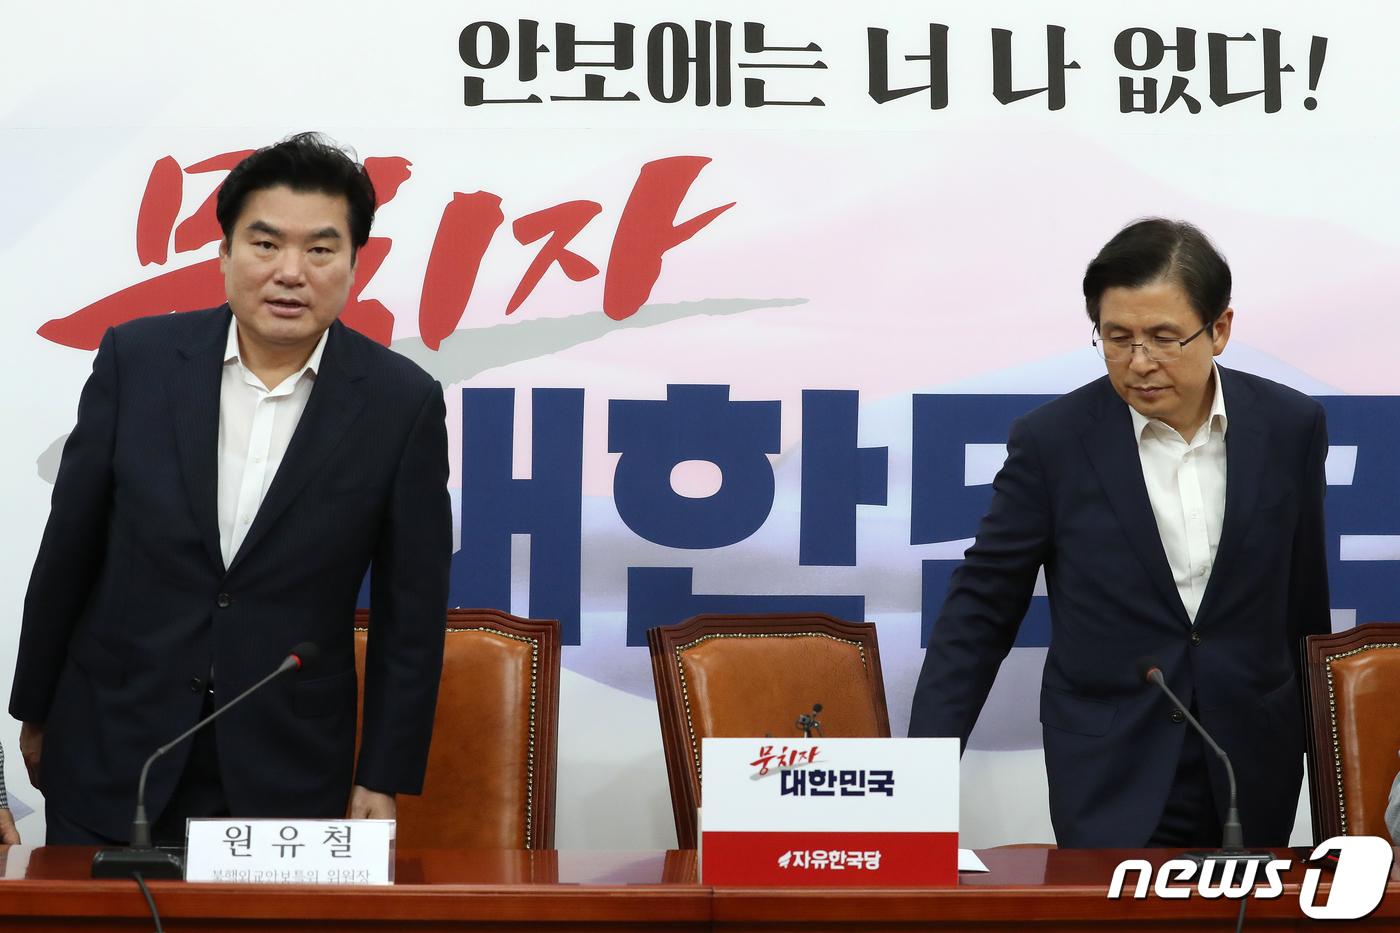 한국당, 오늘 핵포럼..北미사일 발사·조롱에 '핵무장론' 논의[유럽축구경기|NEBULA 토토]